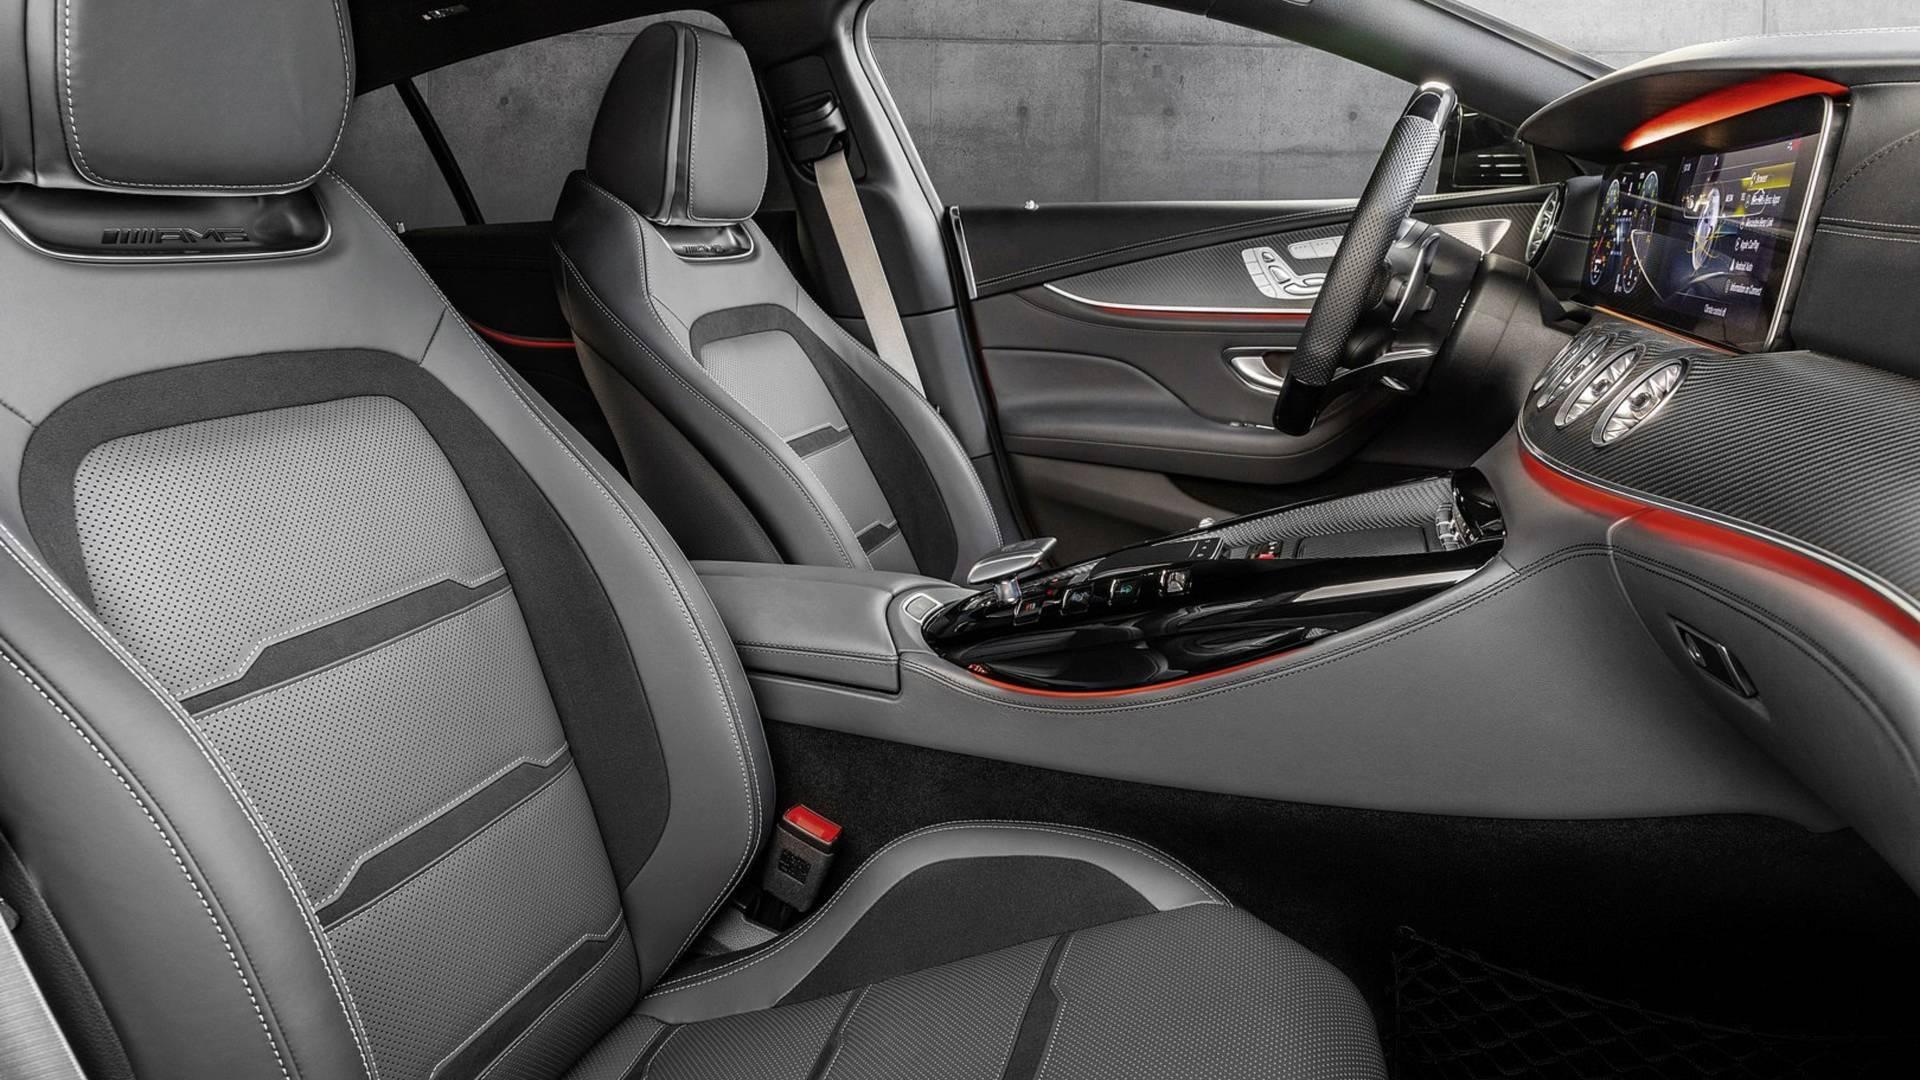 2019-mercedes-amg-gt-43-four-door-coupe (10).jpg